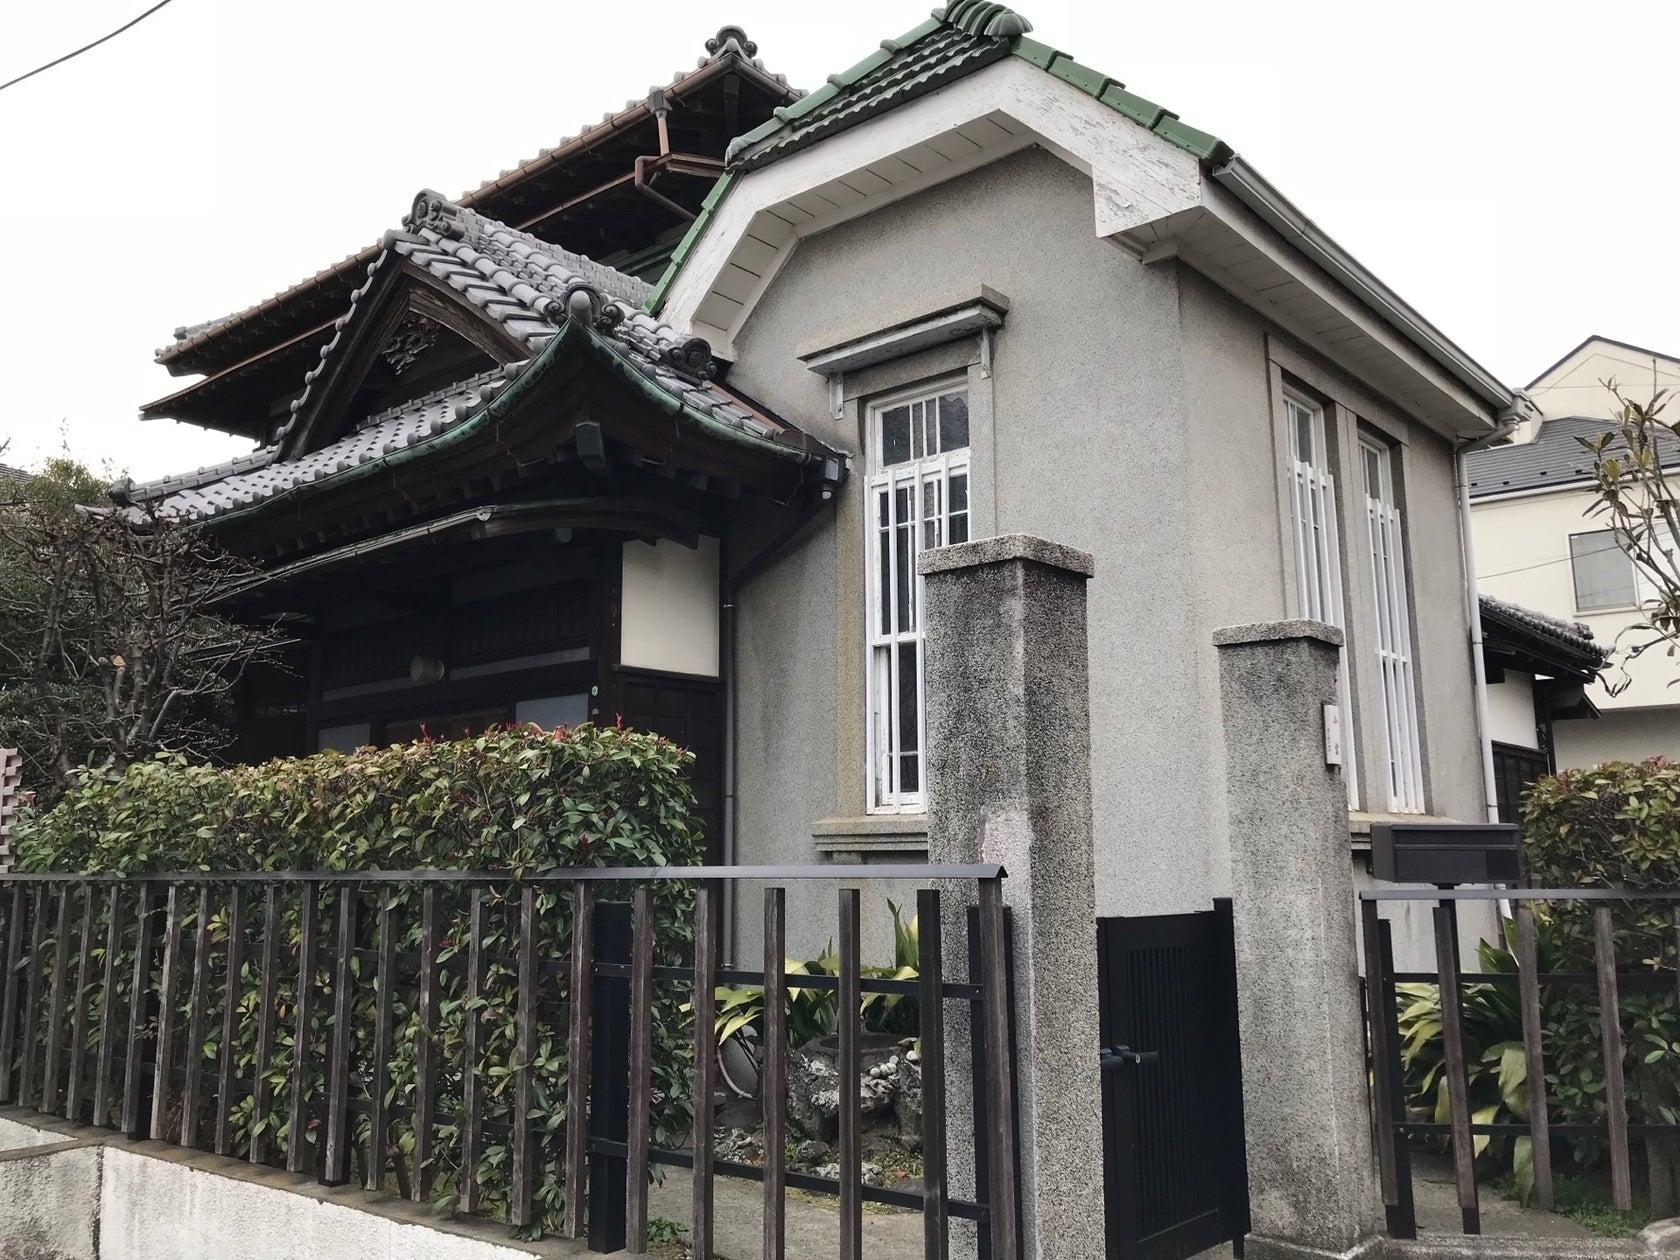 【築87年】横浜のリノベ済み洋館付き日本住宅。駐車2台。映画撮影多。(【築87年】横浜のリノベ済み洋館付き日本住宅。駐車2台。有名映画で撮影。) の写真0